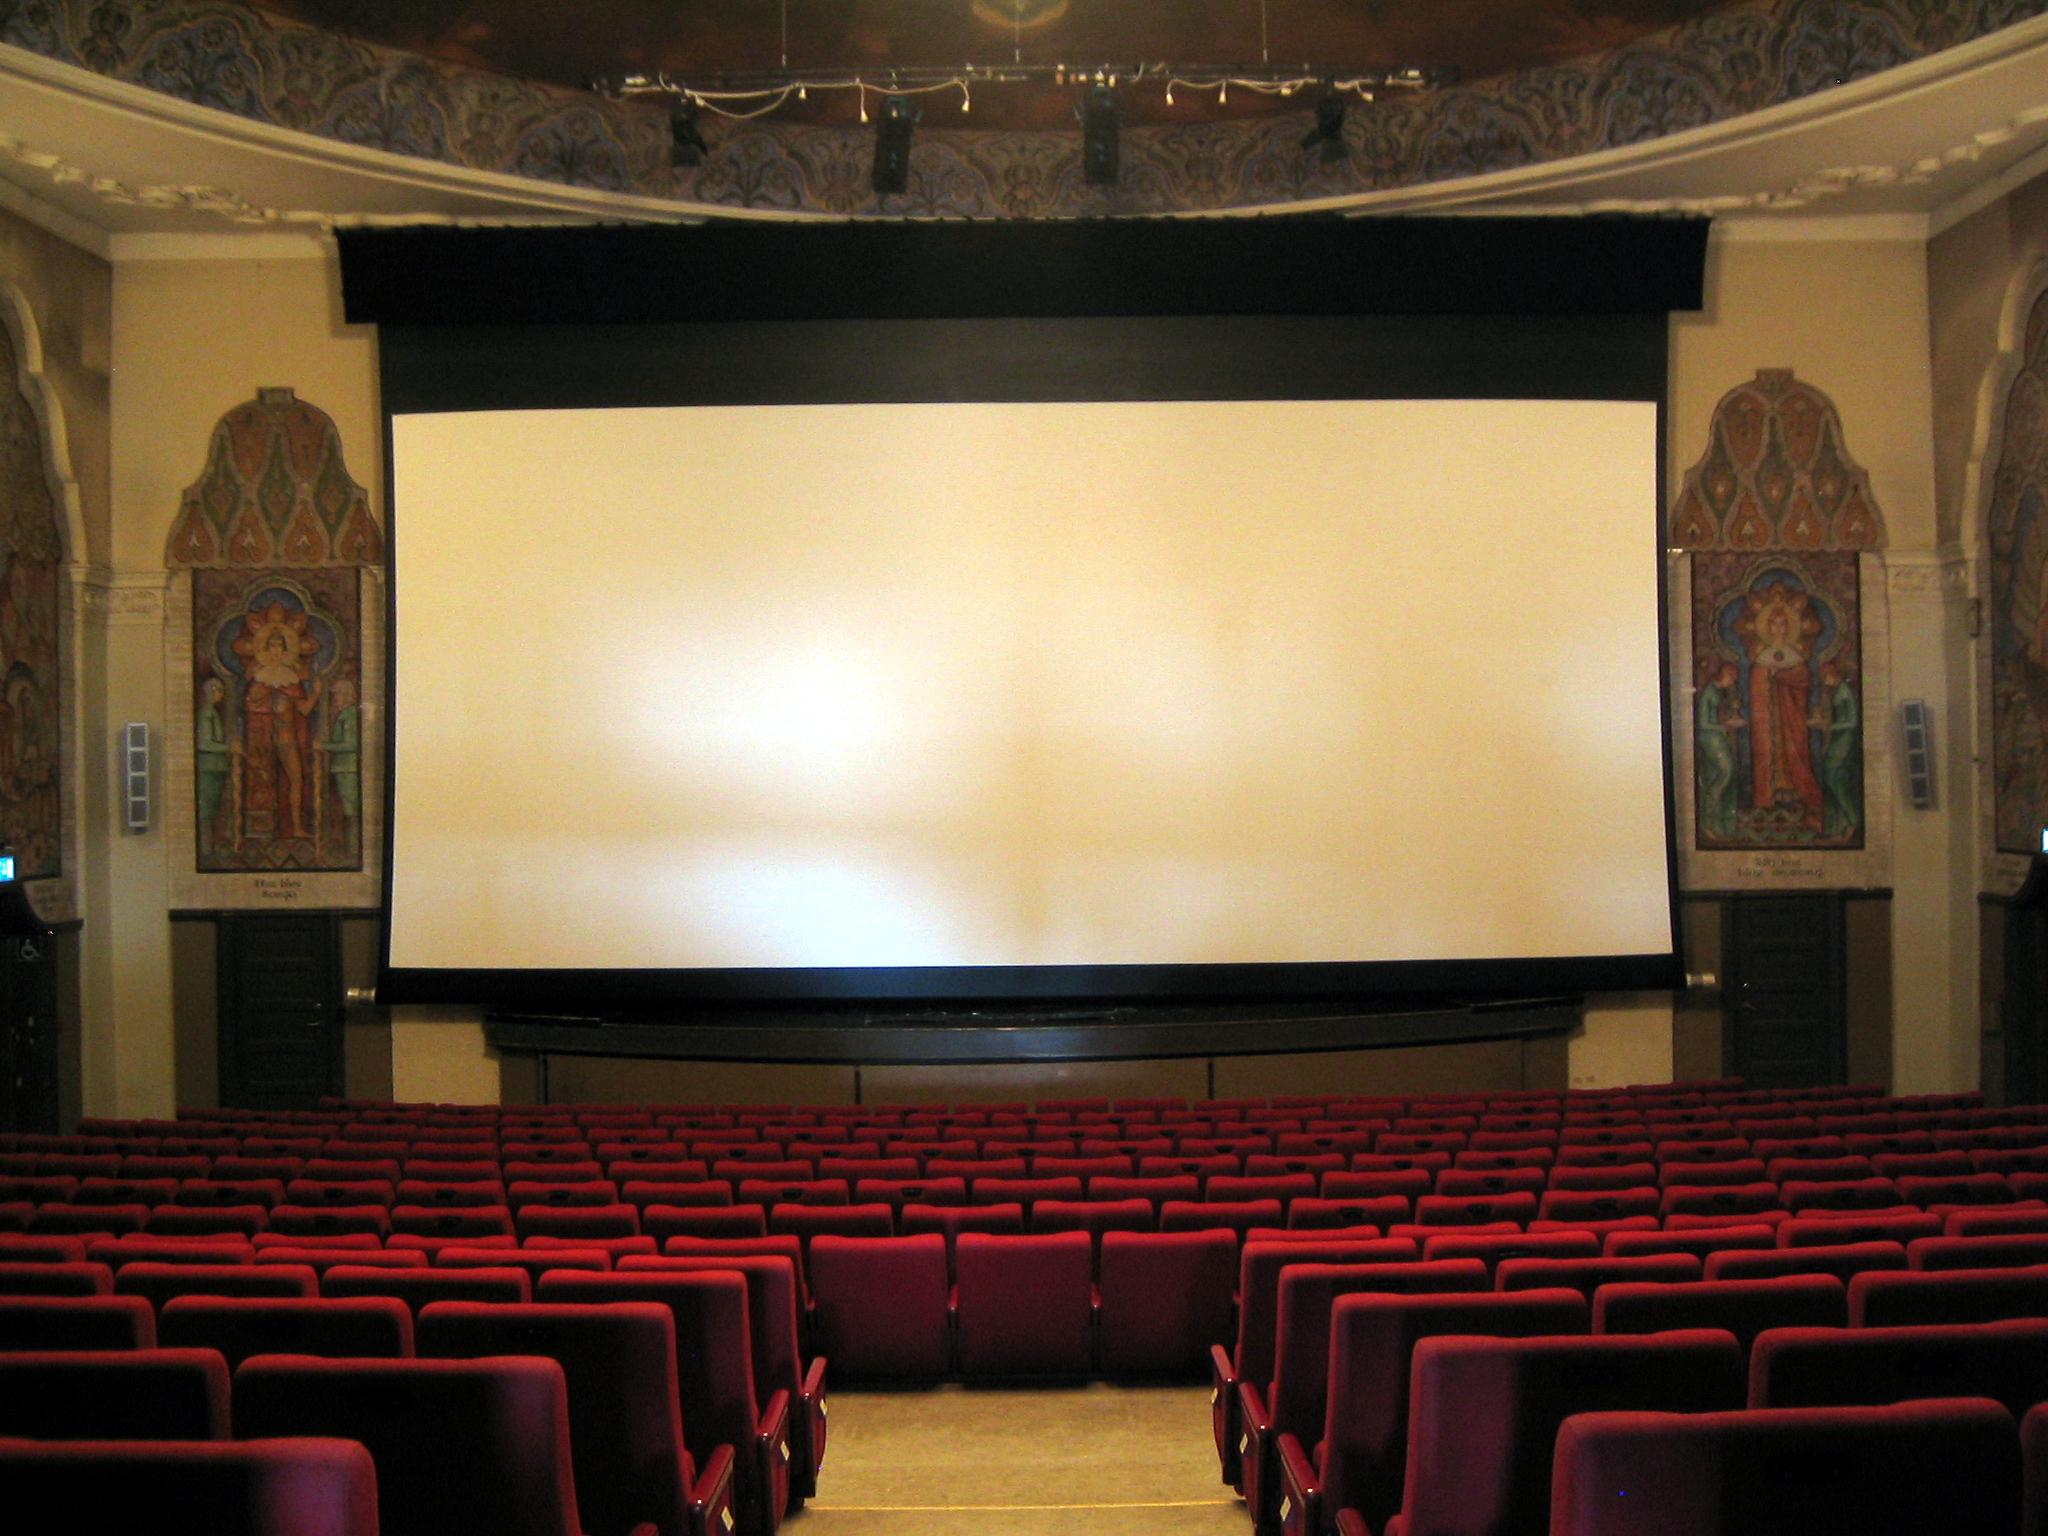 File:Munken kino (kinolerret).jpg